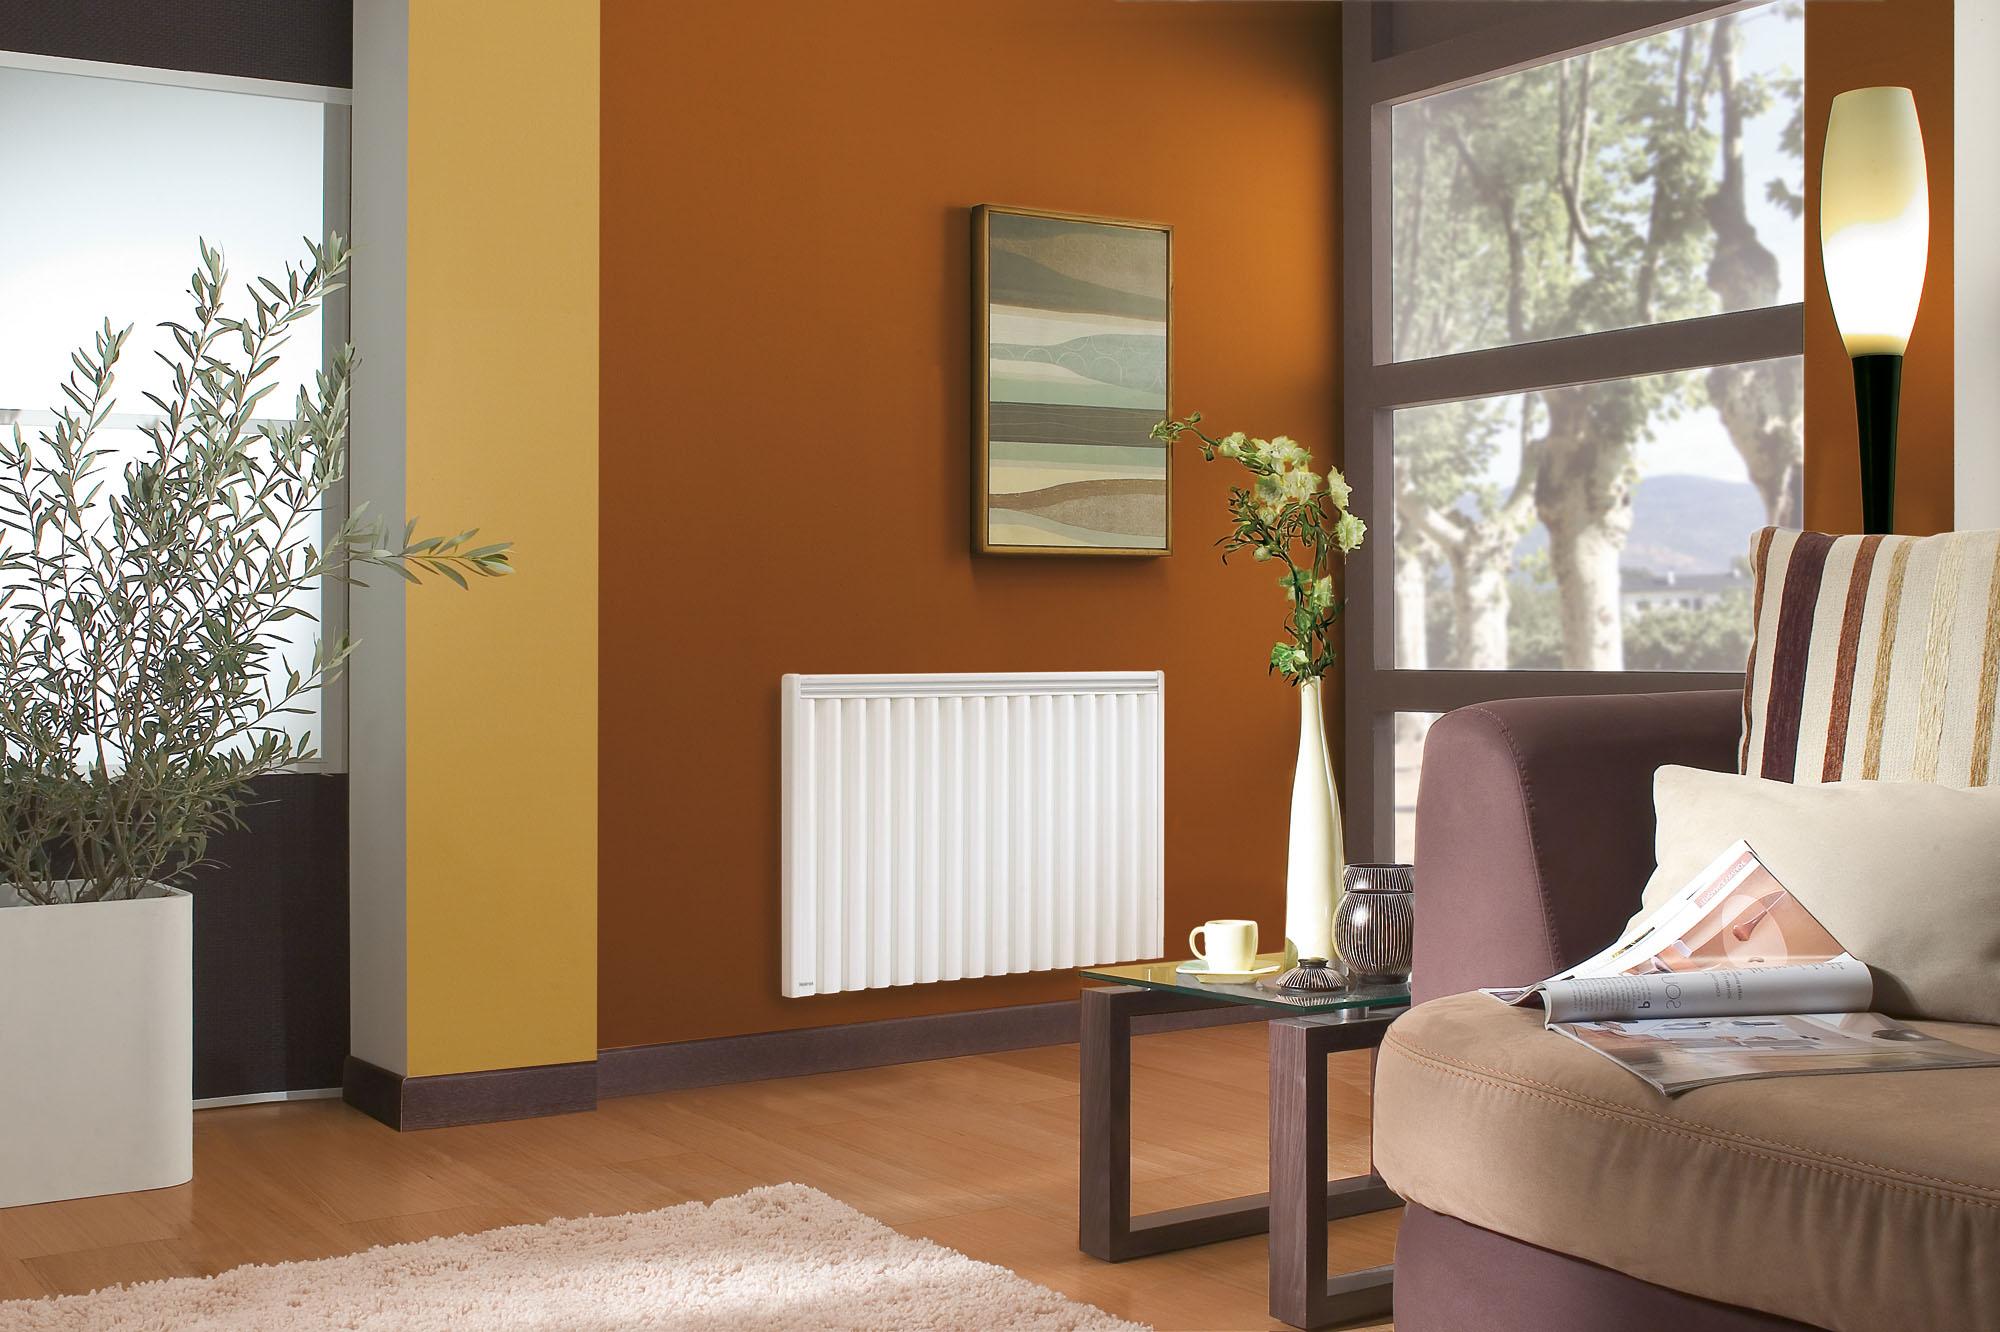 une pompe chaleur la solution parfaite pour chauffer. Black Bedroom Furniture Sets. Home Design Ideas